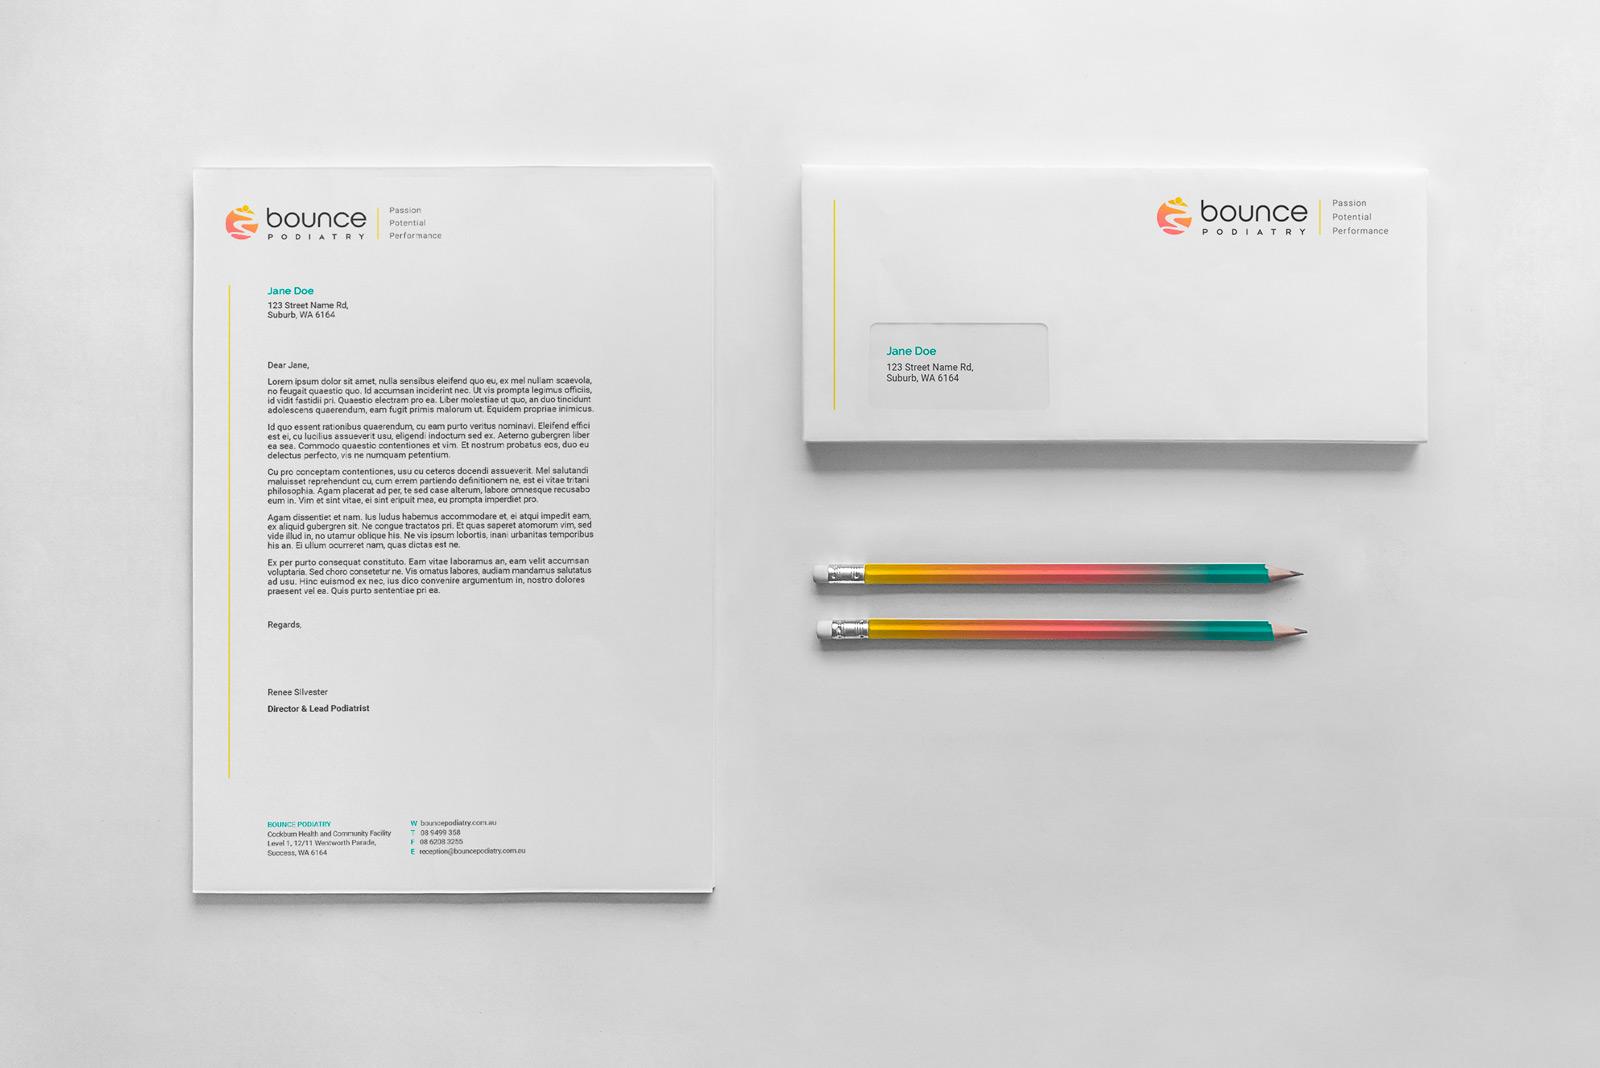 bounce-podiatry_letterhead_geena-mcinnes.jpg